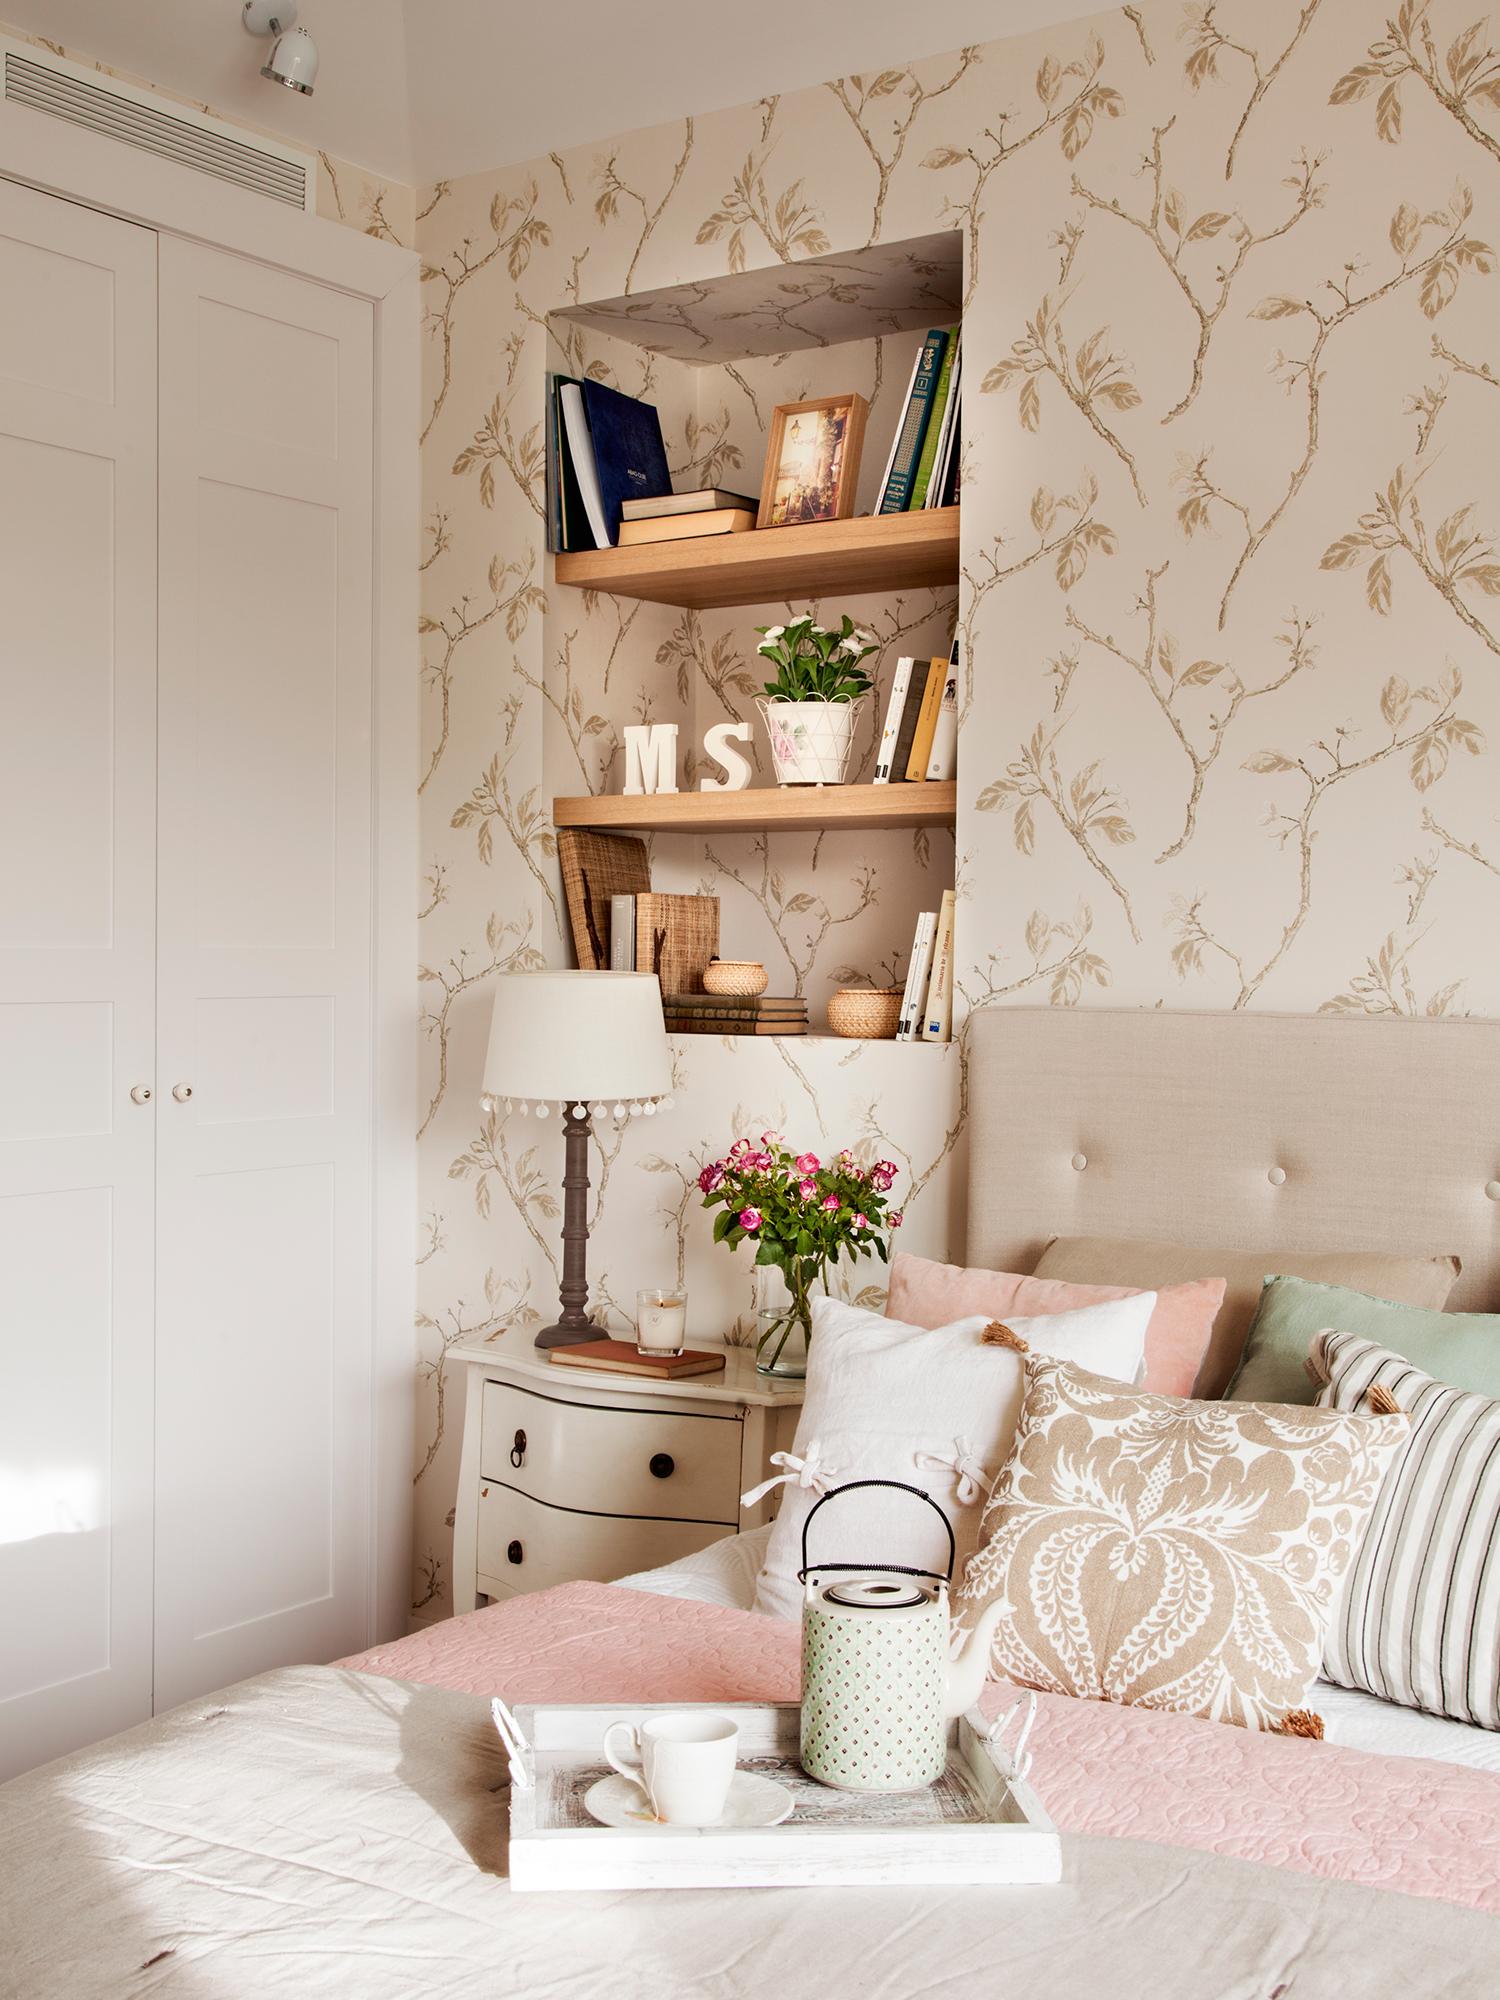 Armarios roperos armarios de cocina y armarios de ba o - Estanterias para dormitorio ...